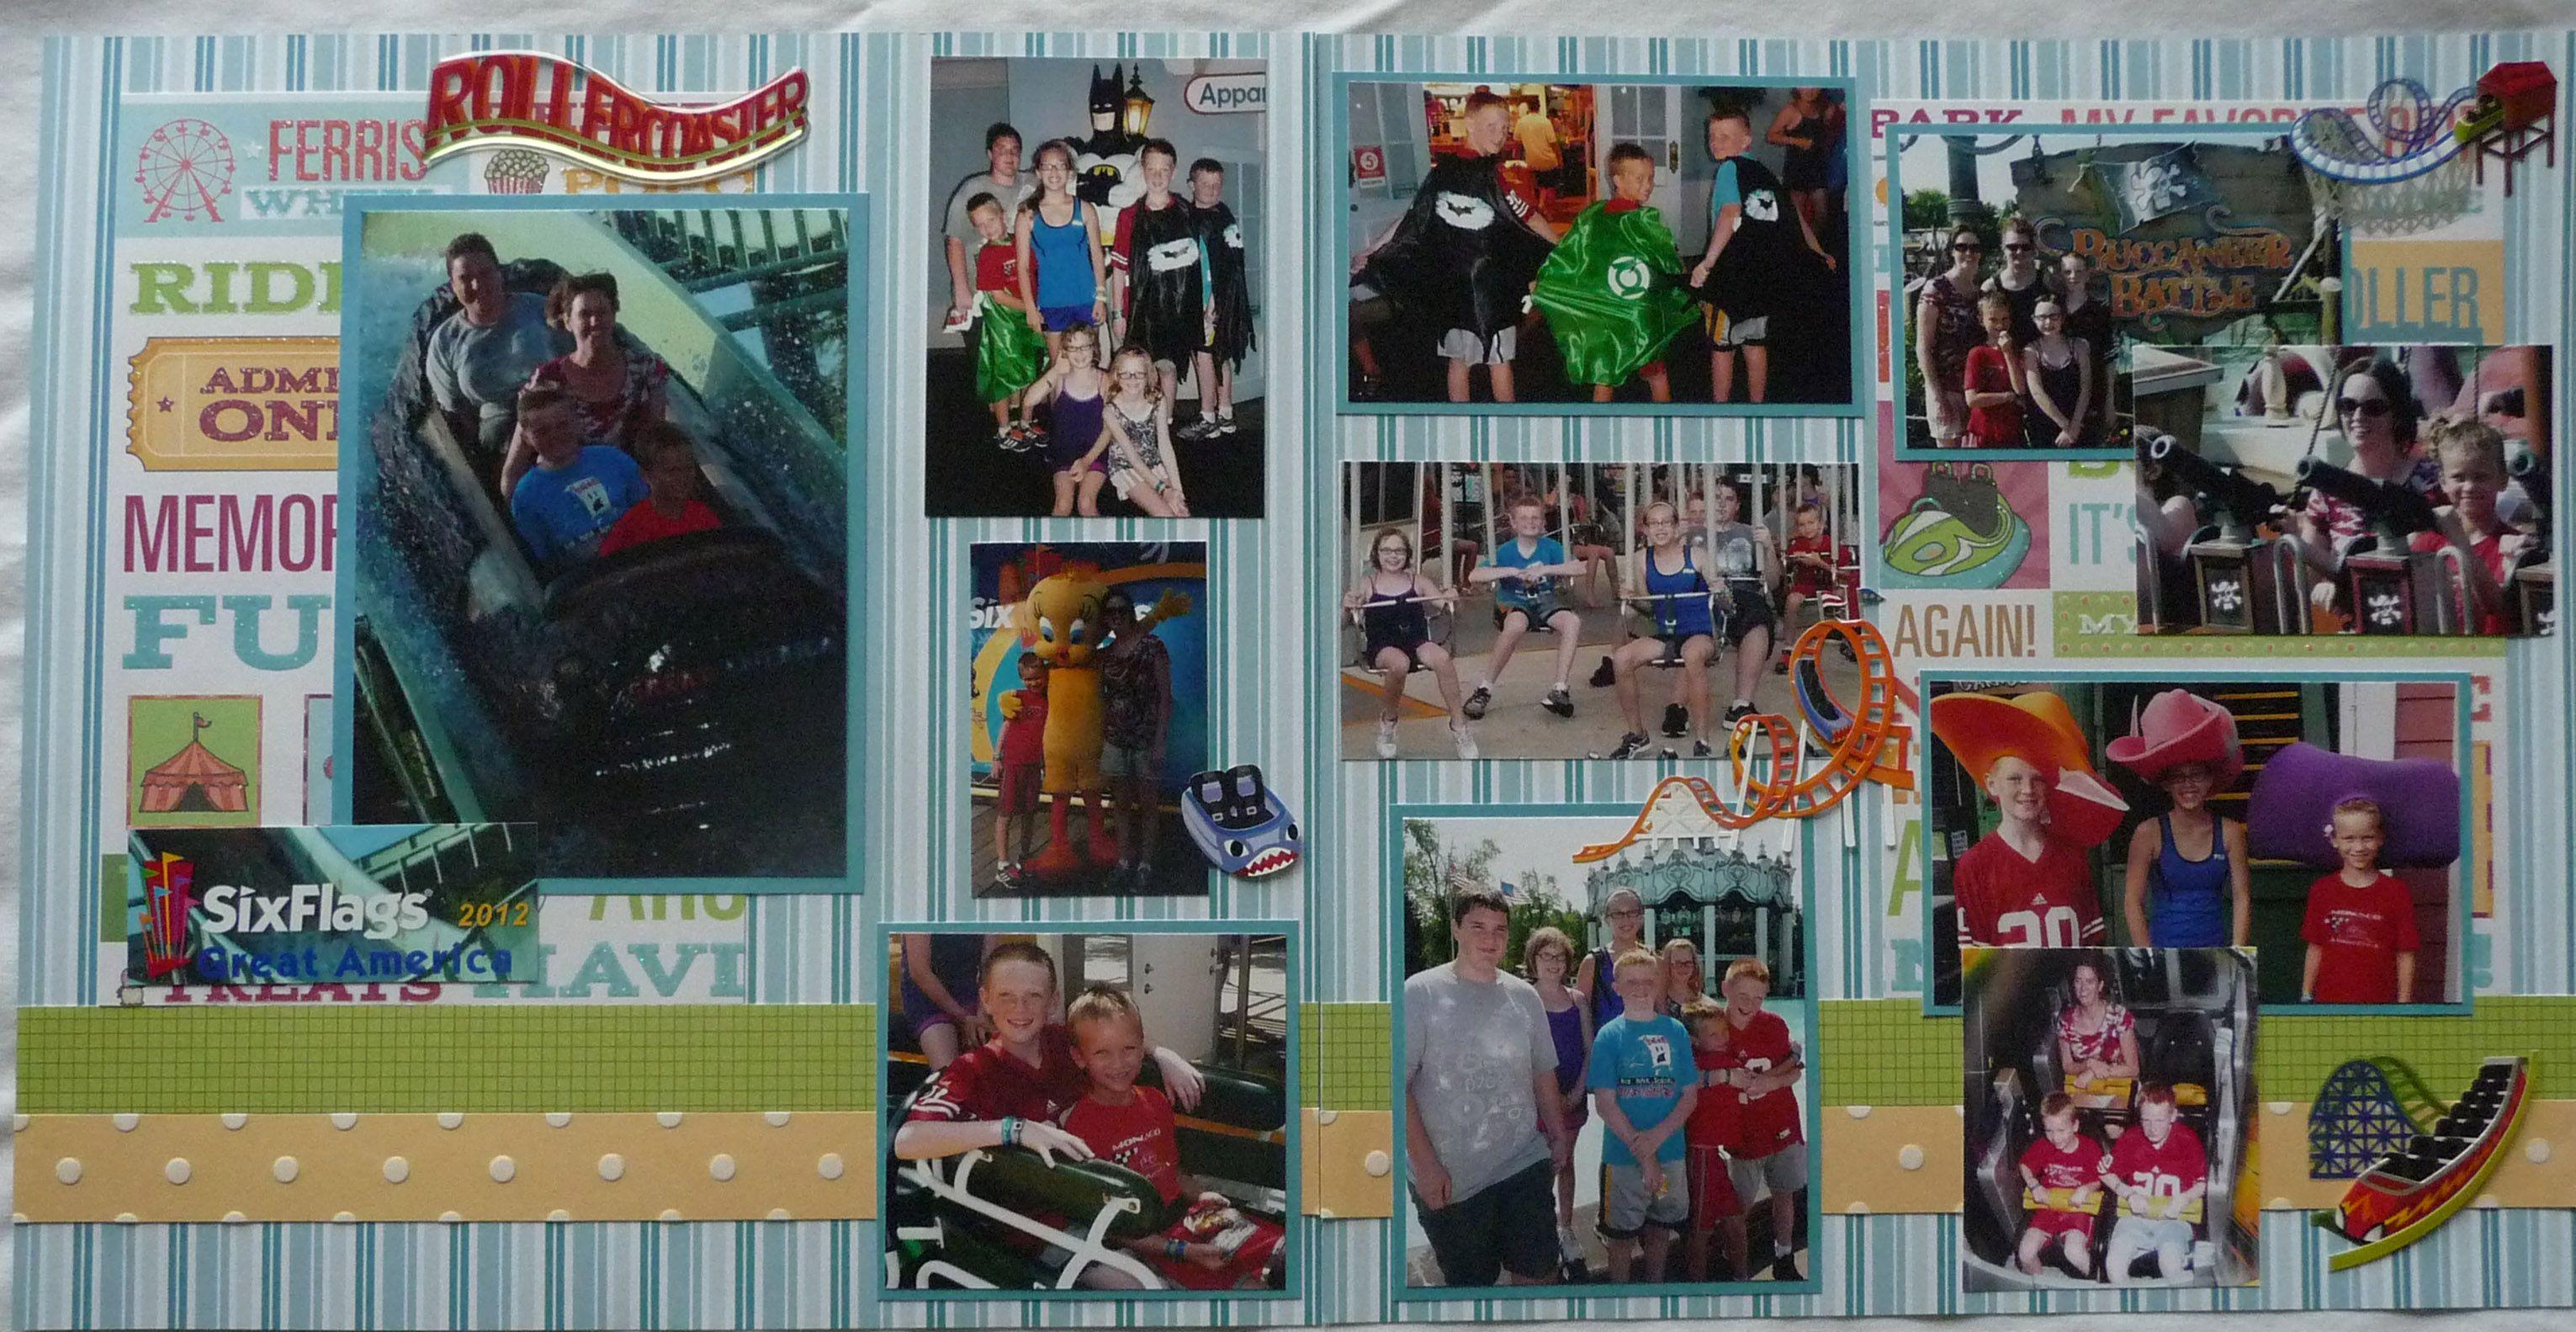 Six Flags Amusement Park Scrapbook Page Kit